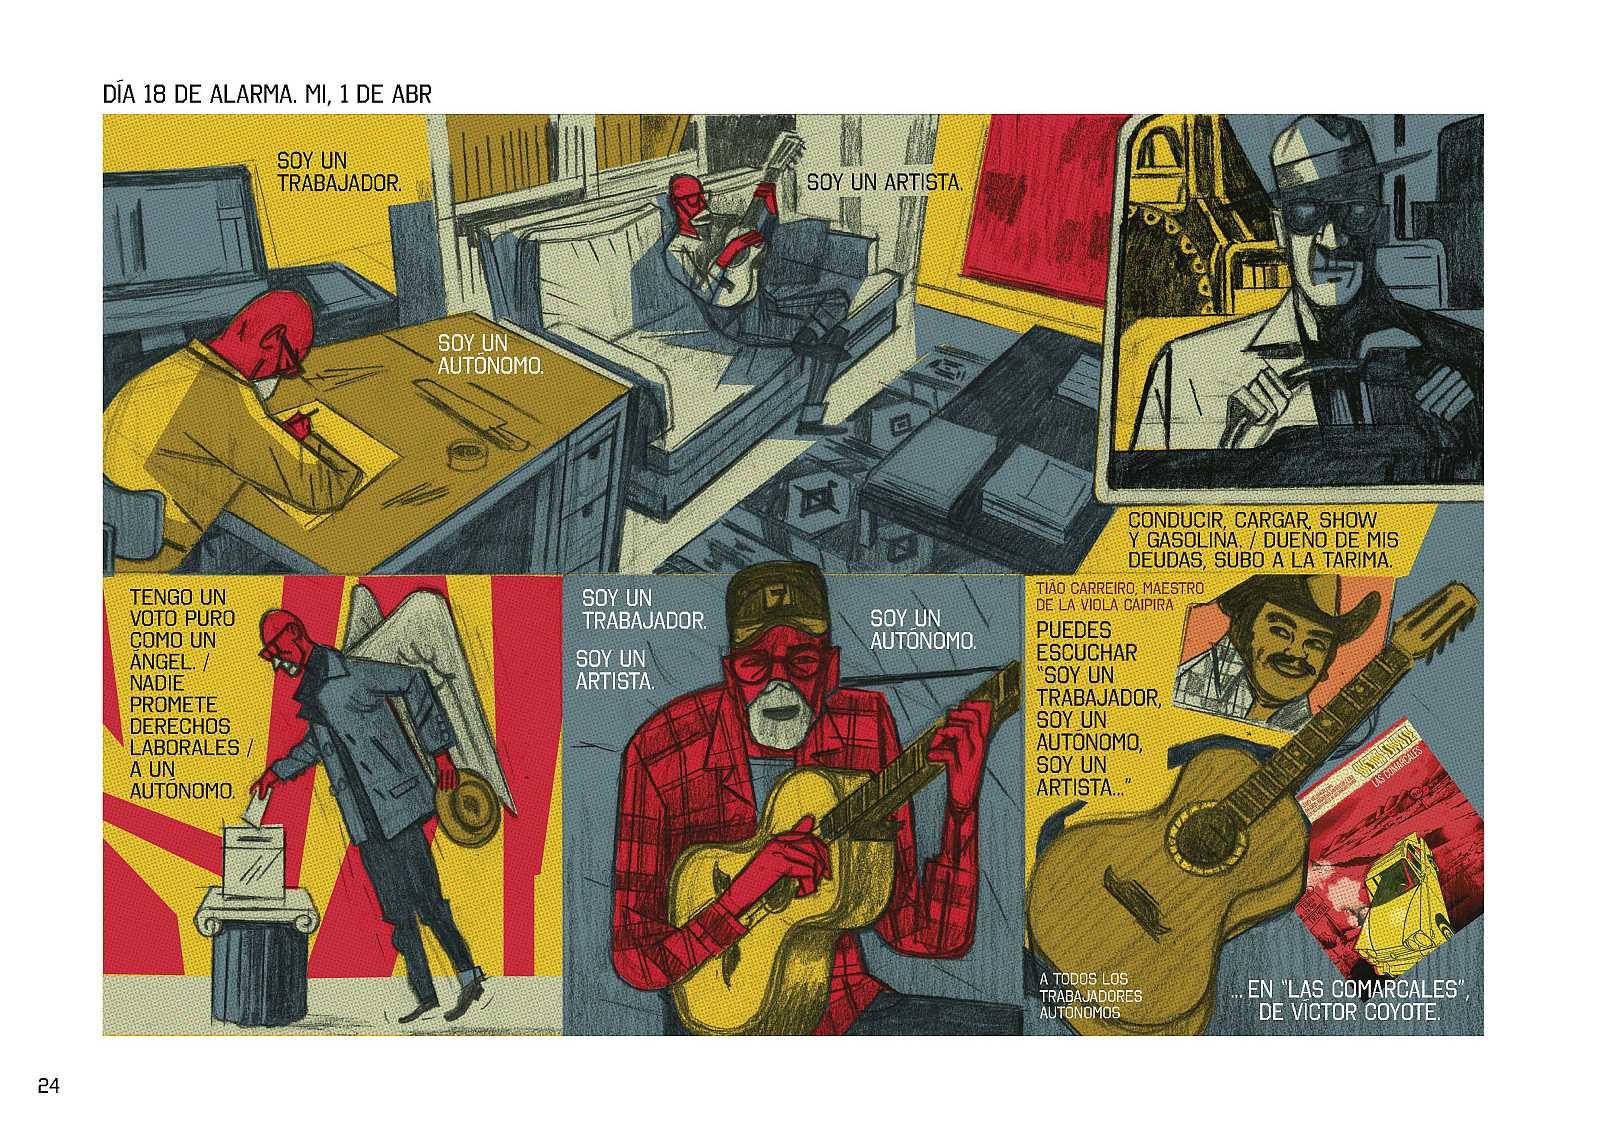 El ojo crítico - Victor Coyote y sus 'Días de alarma' - 22/09/20 - escuchar ahora